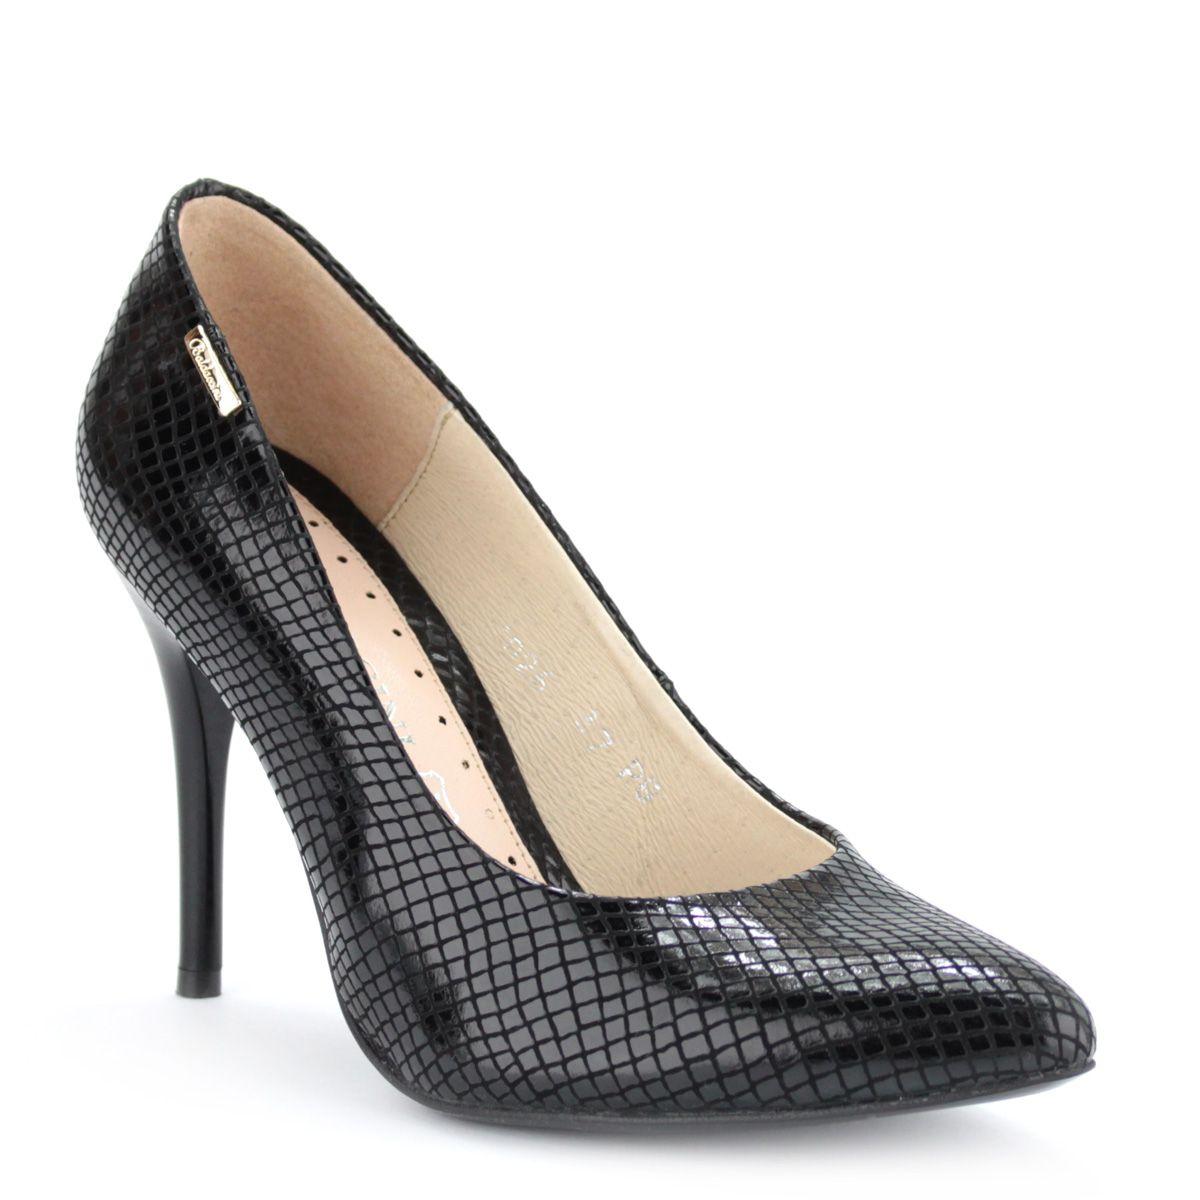 Anis alkalmi cipő Klasszikus női alkalmi cipő | ChiX.hu